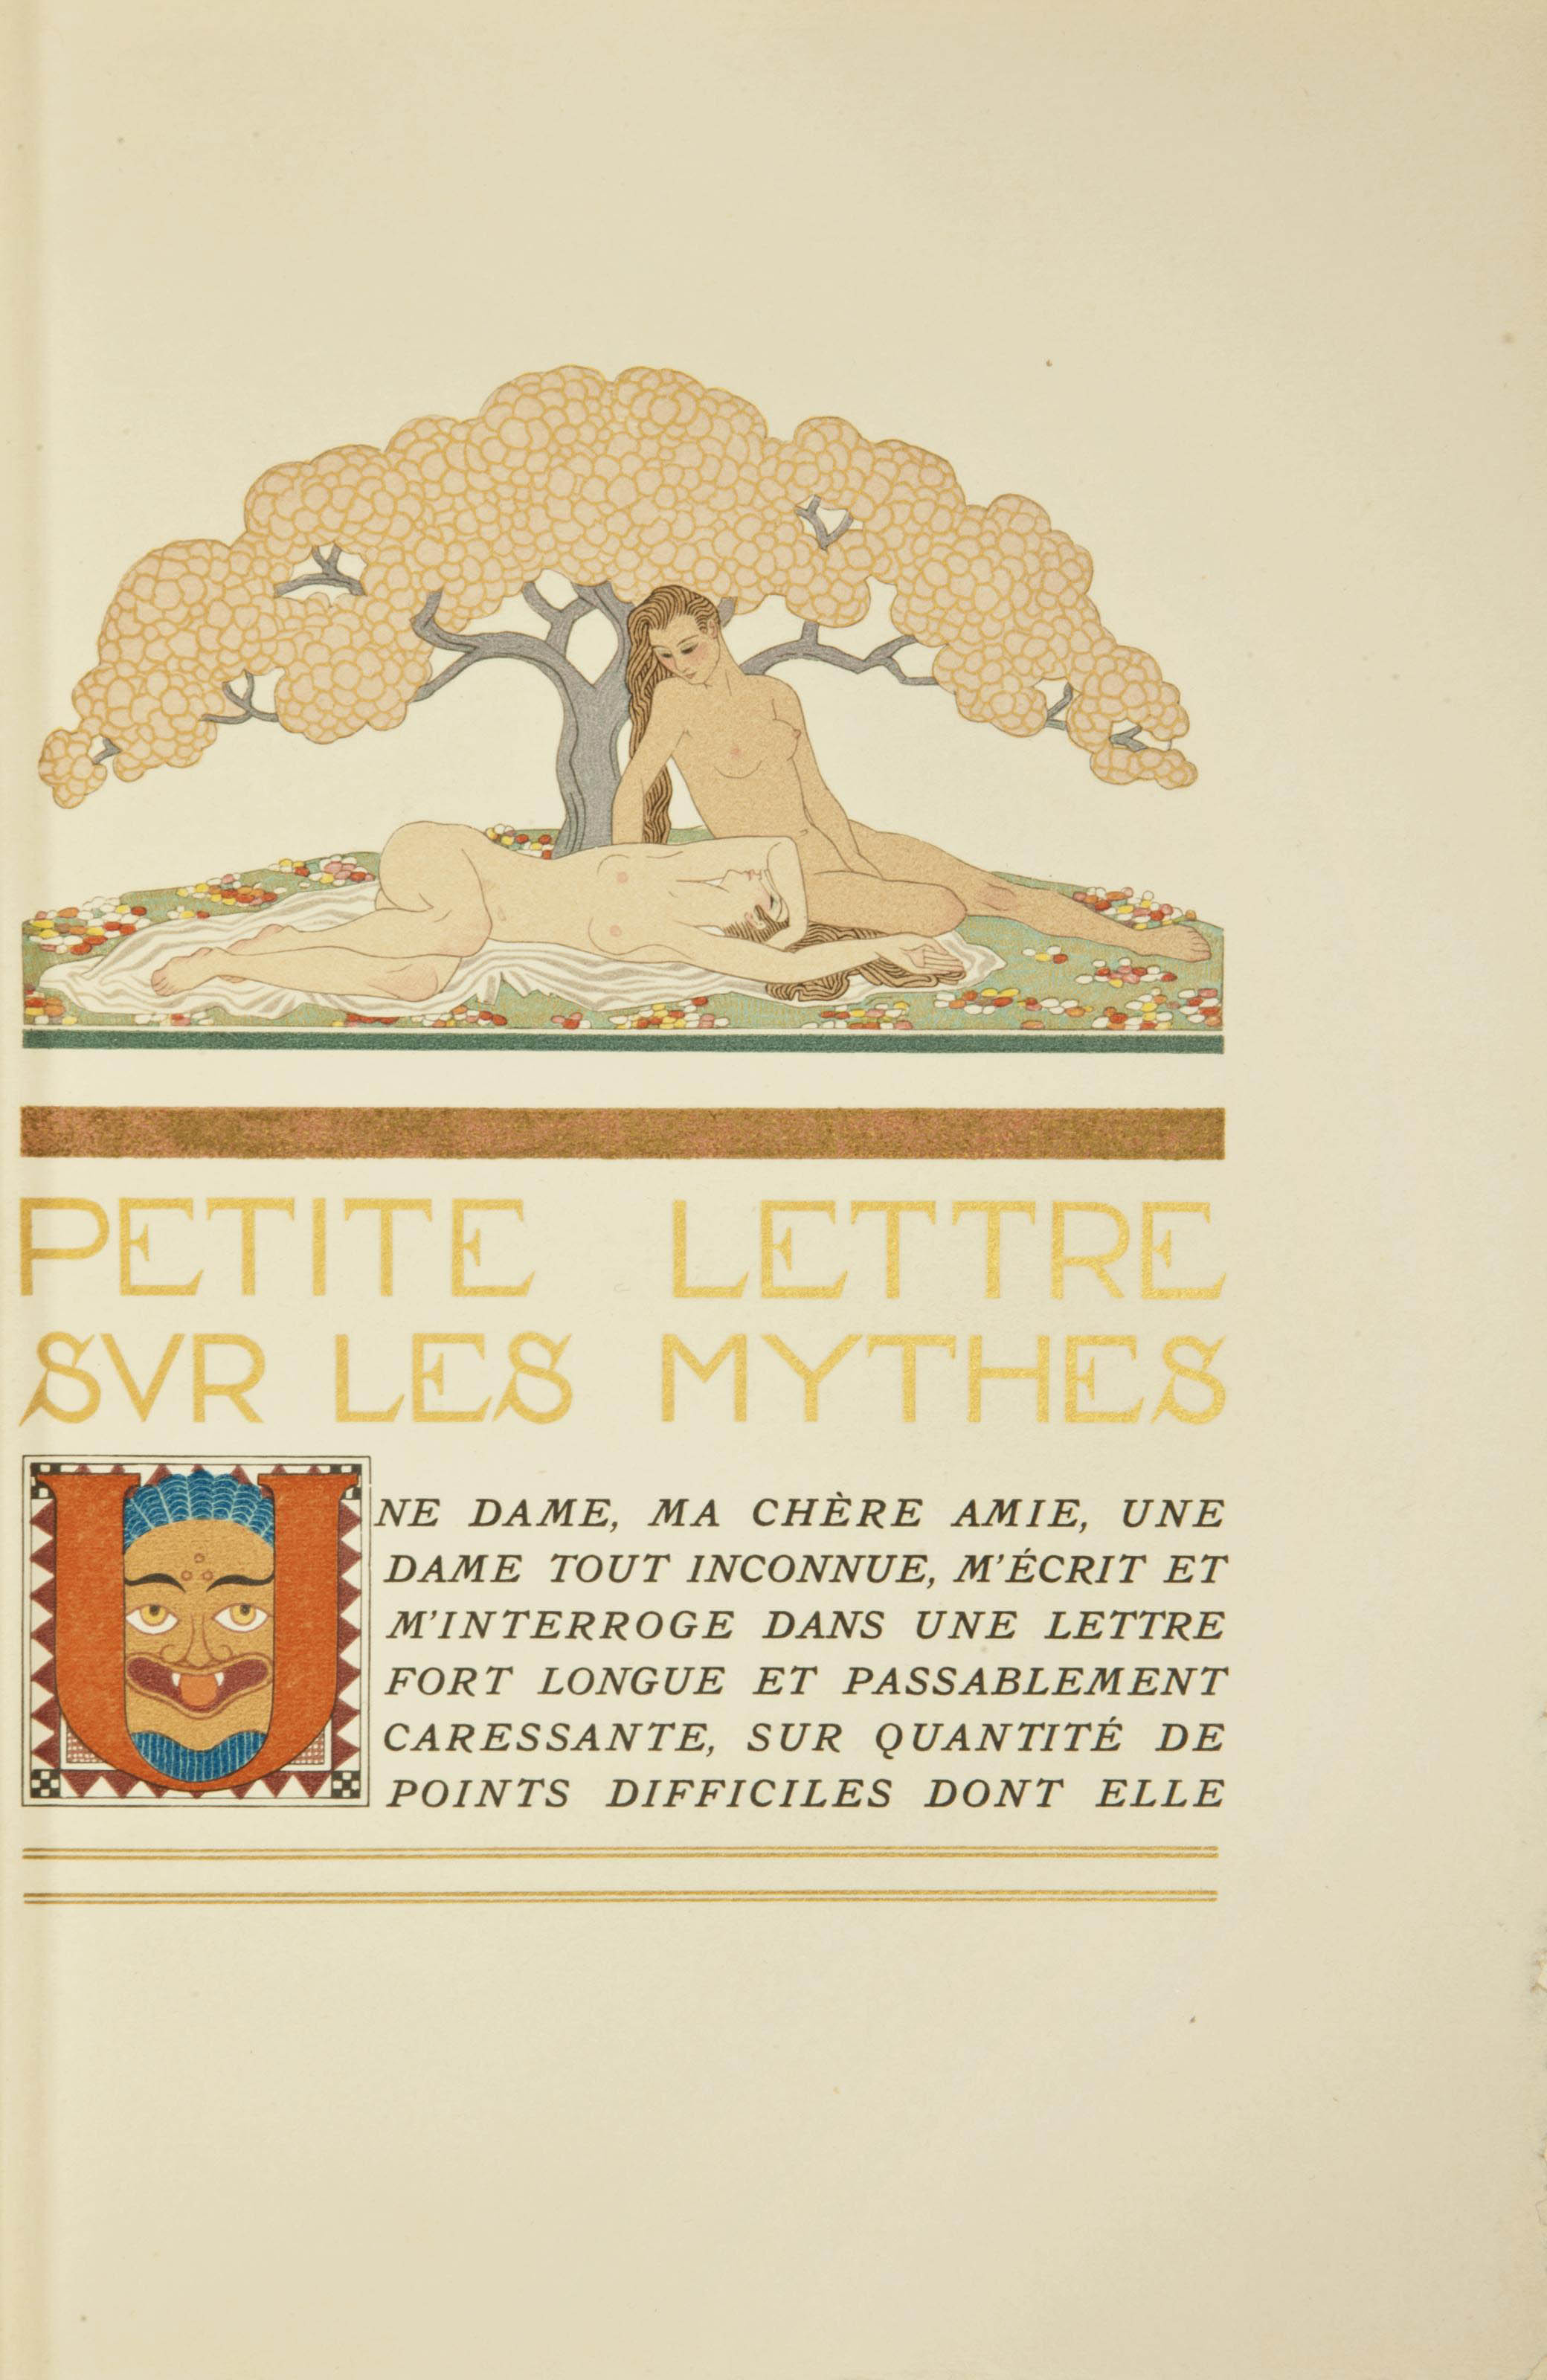 [BARBIER] -- GUÉRIN, Maurice de (1810-1839). Poèmes en prose. Précédés d'une petite lettre sur les mythes par Paul Valéry. Illustrations par George Barbier. Paris: Auguste Blaizot, 1928.